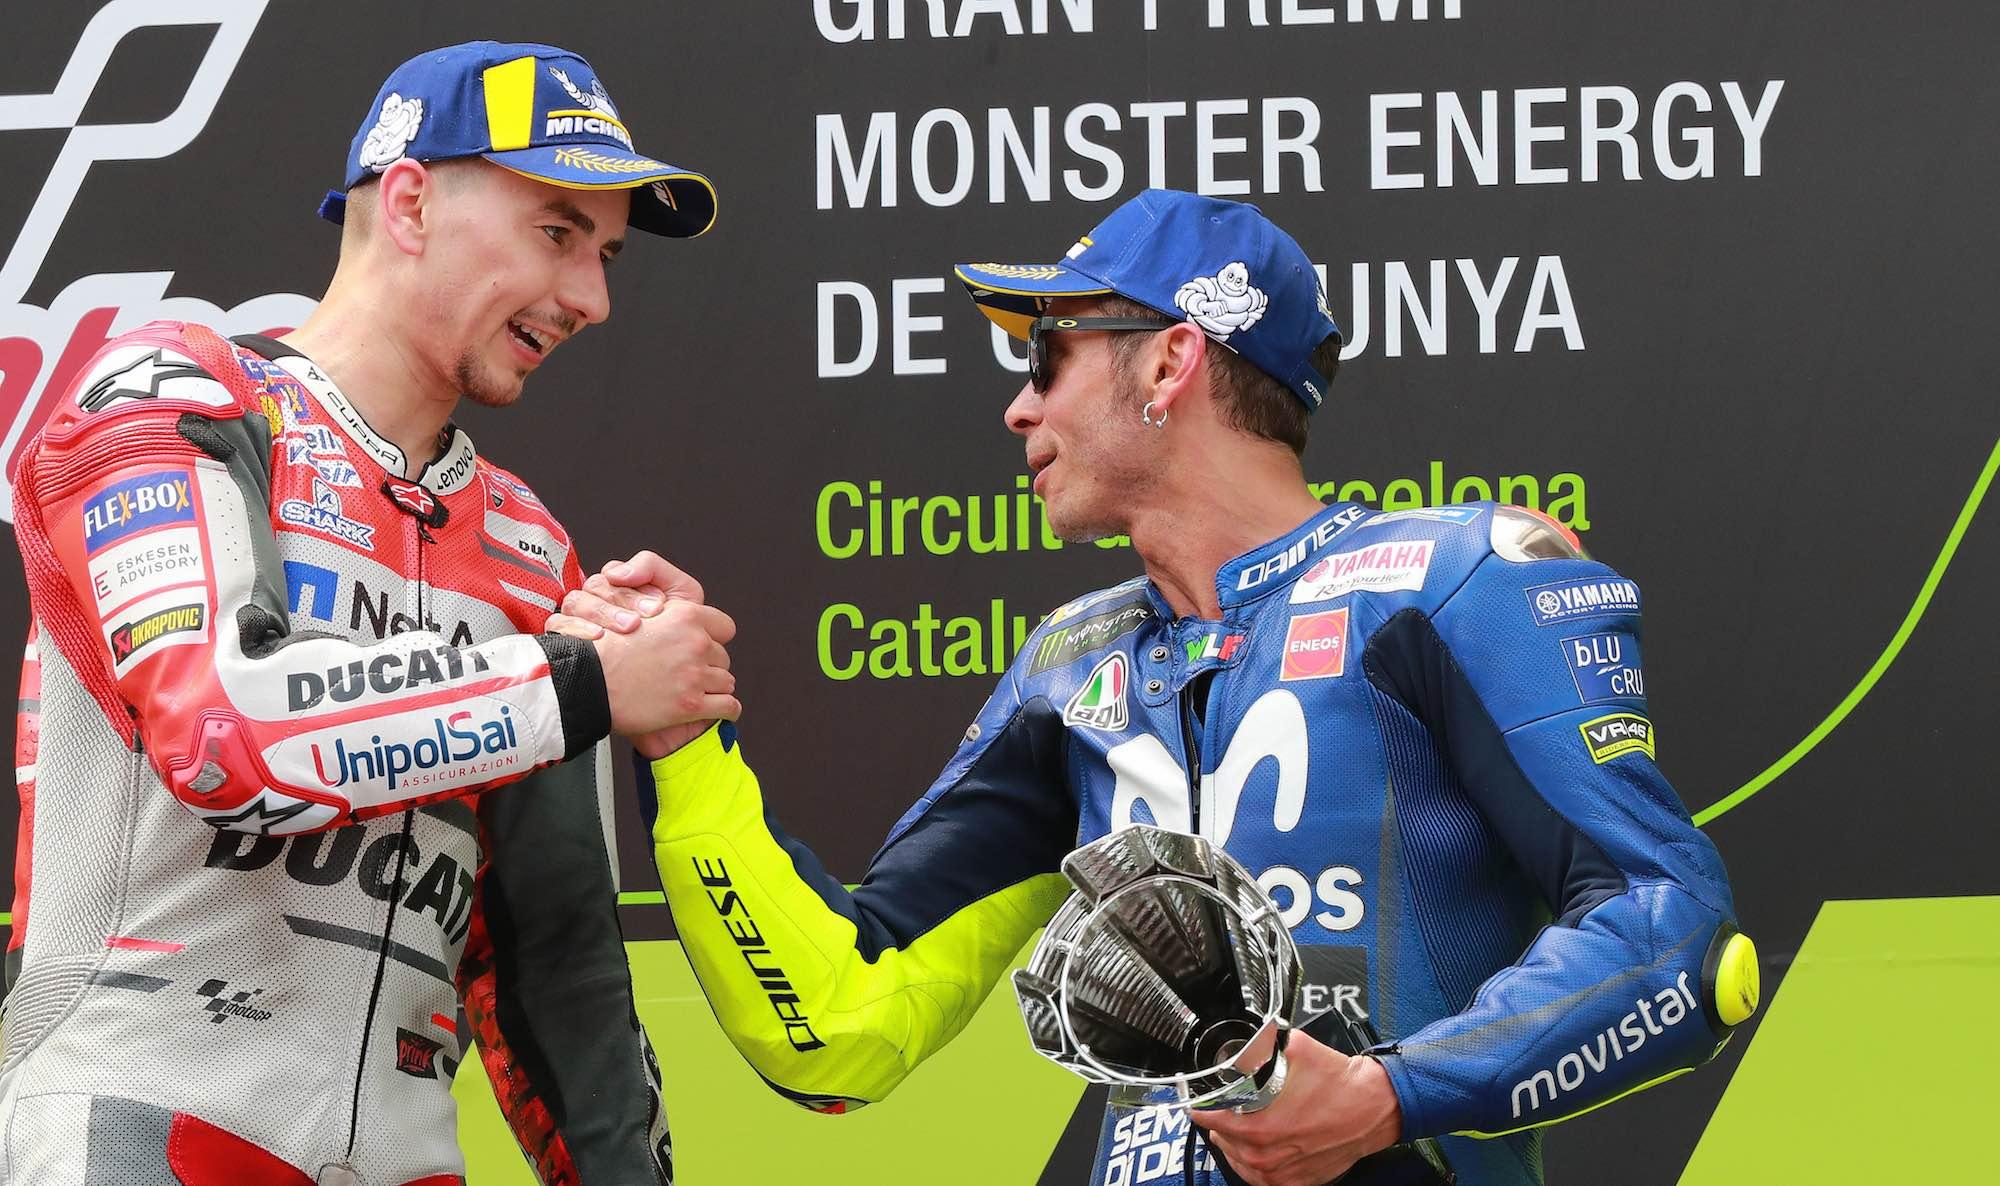 """Valentino Rossi: """"Es una noticia muy triste que Yamaha lleve un año sin ganar"""""""